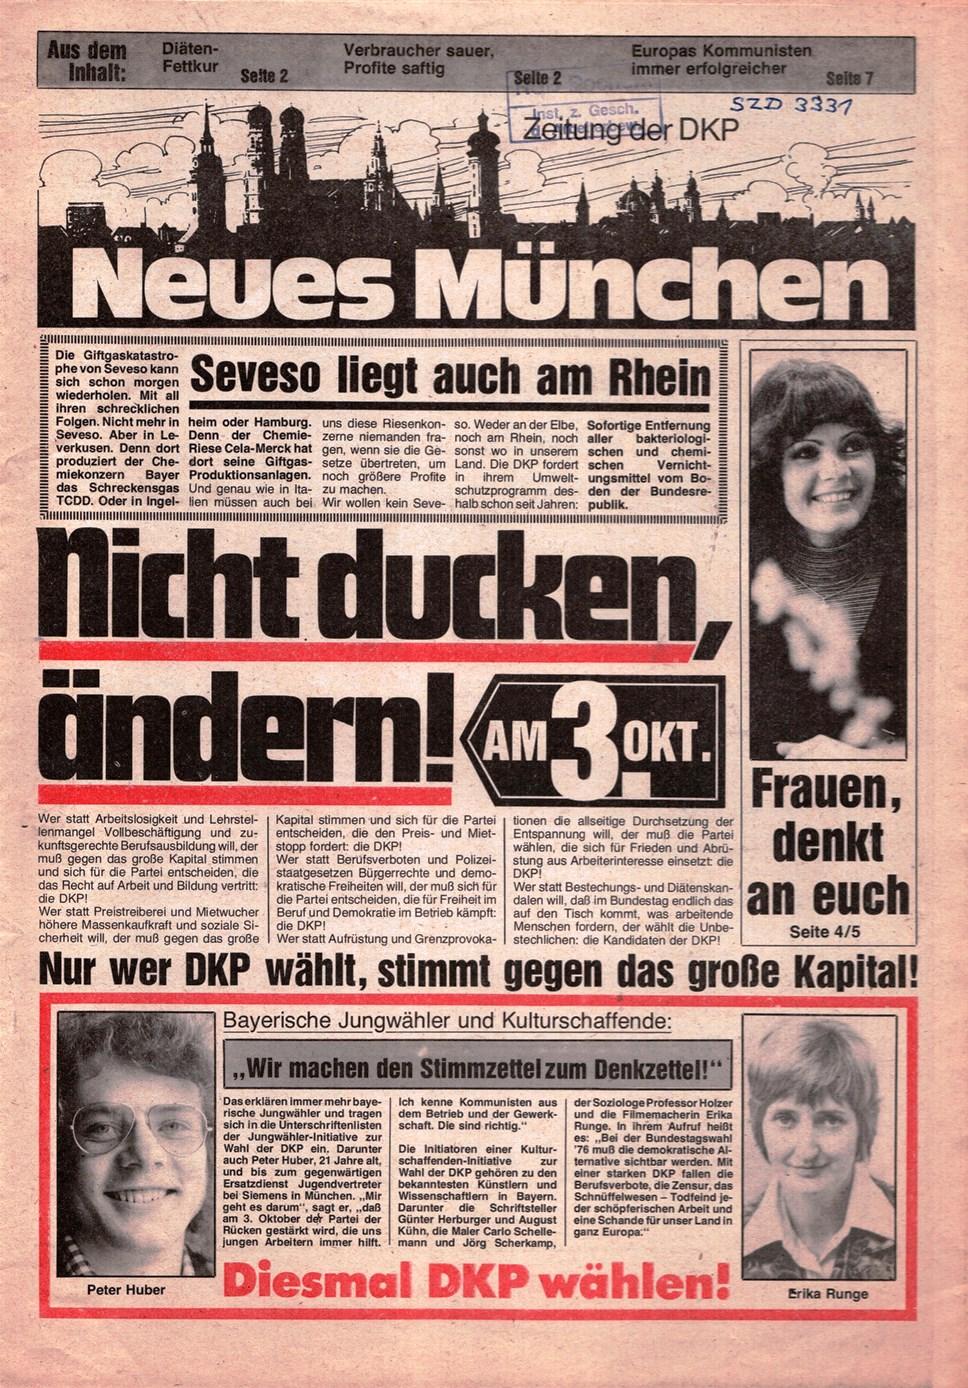 Muenchen_DKP_Neues_Muenchen_19760900_001